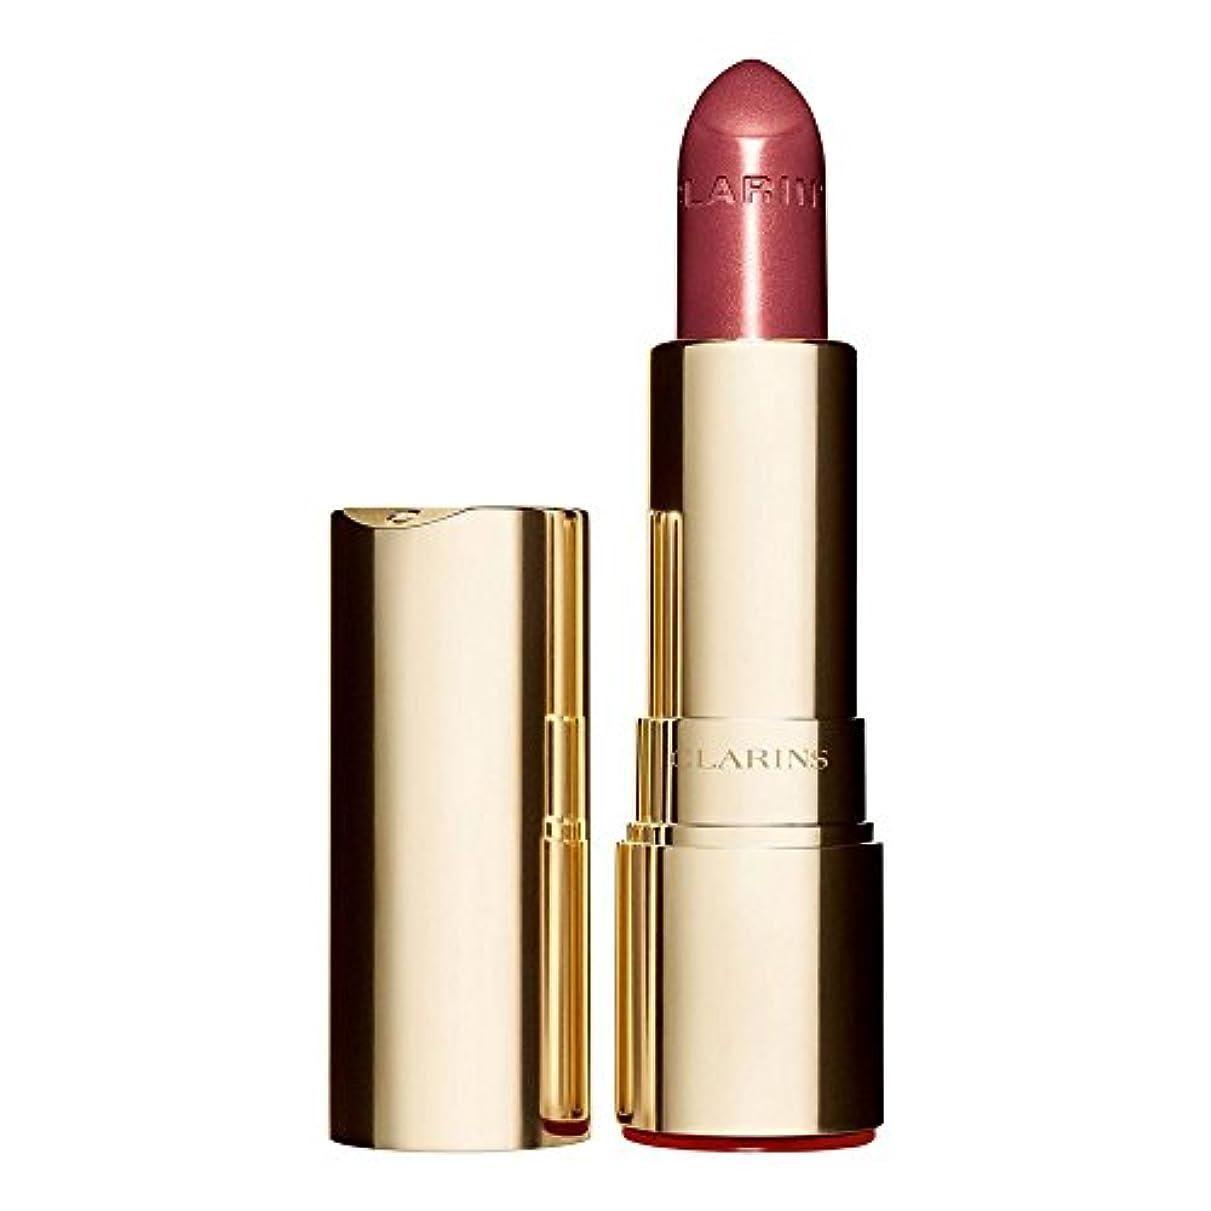 カイウス気晴らし増幅クラランス Joli Rouge Brillant (Moisturizing Perfect Shine Sheer Lipstick) - # 732S Grenadine 3.5g/0.1oz並行輸入品